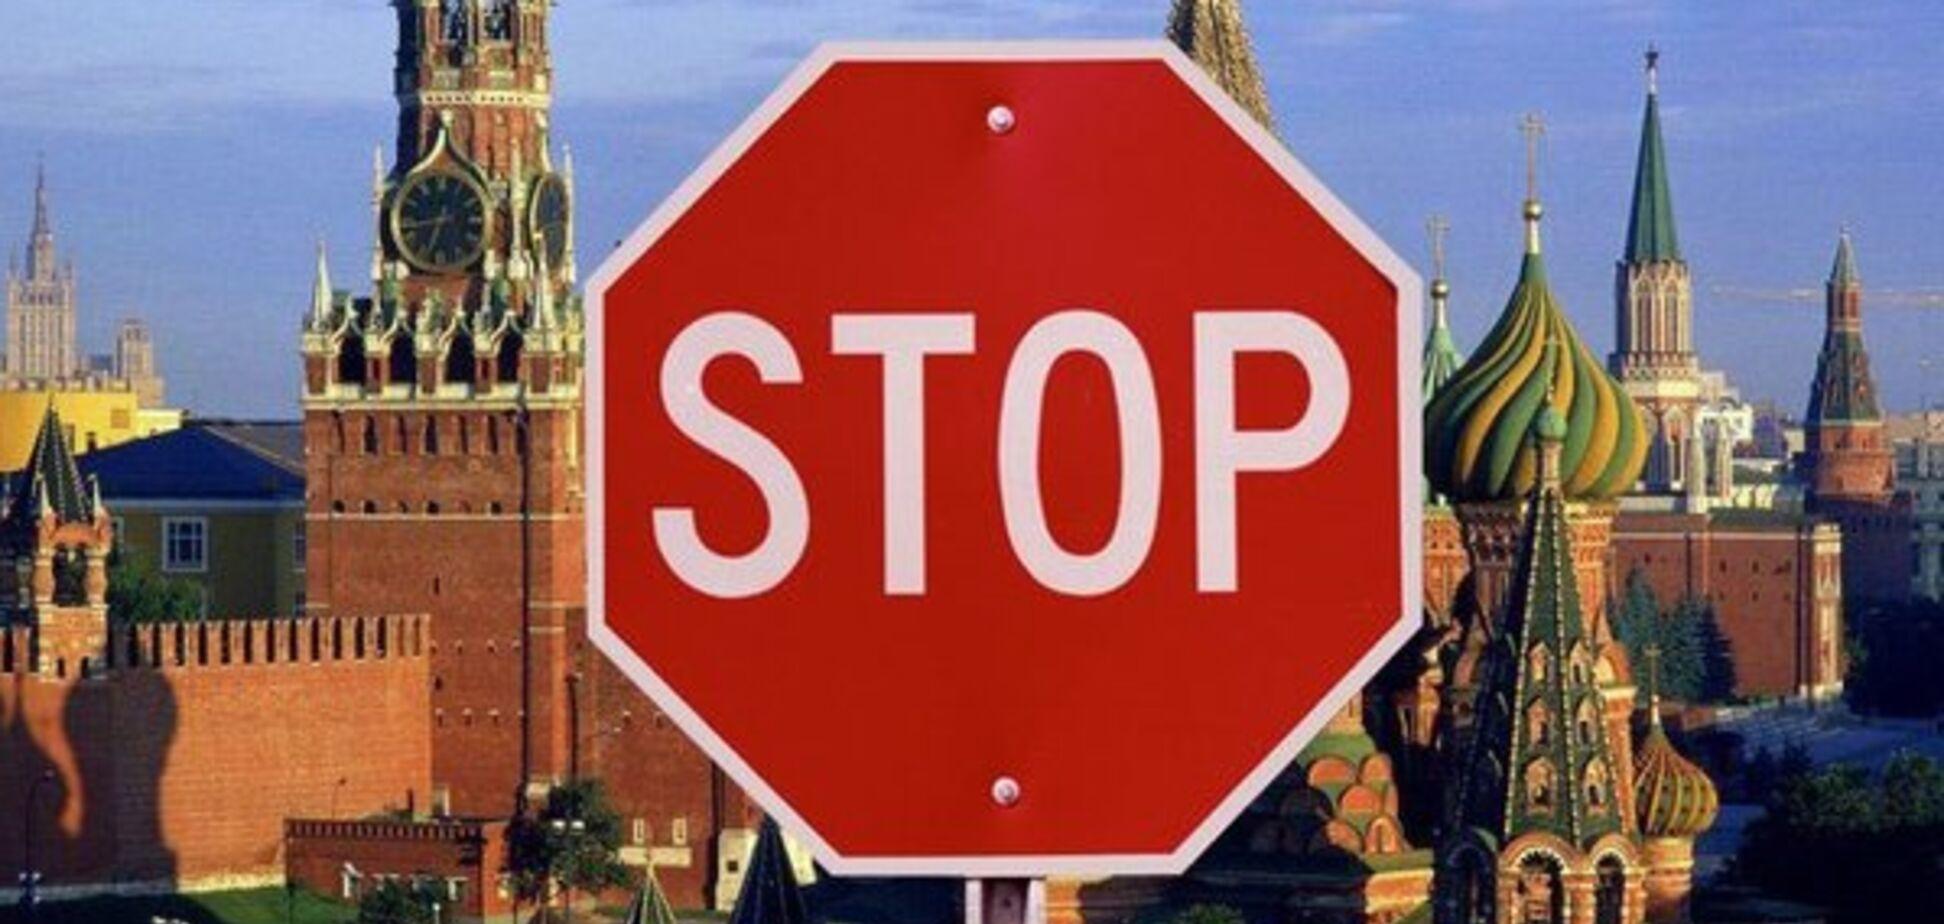 Санкції проти Росії і особисто Путіна: економісти дали прогноз